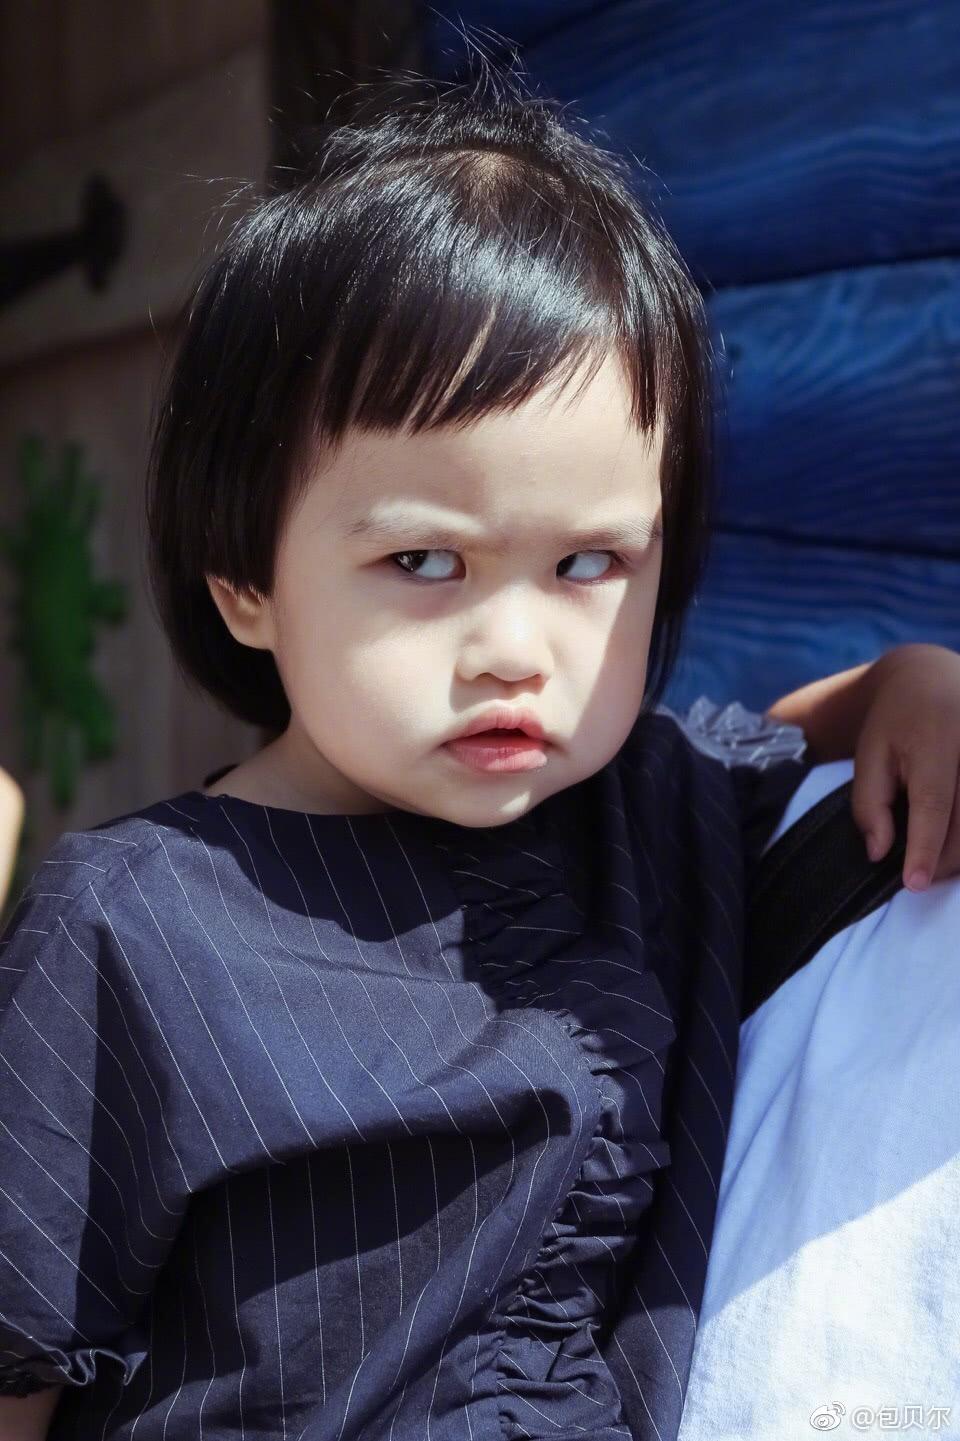 包文靖晒饺子最新近照,皱眉嫌弃的表情亮了!每次拍照都接地气图片